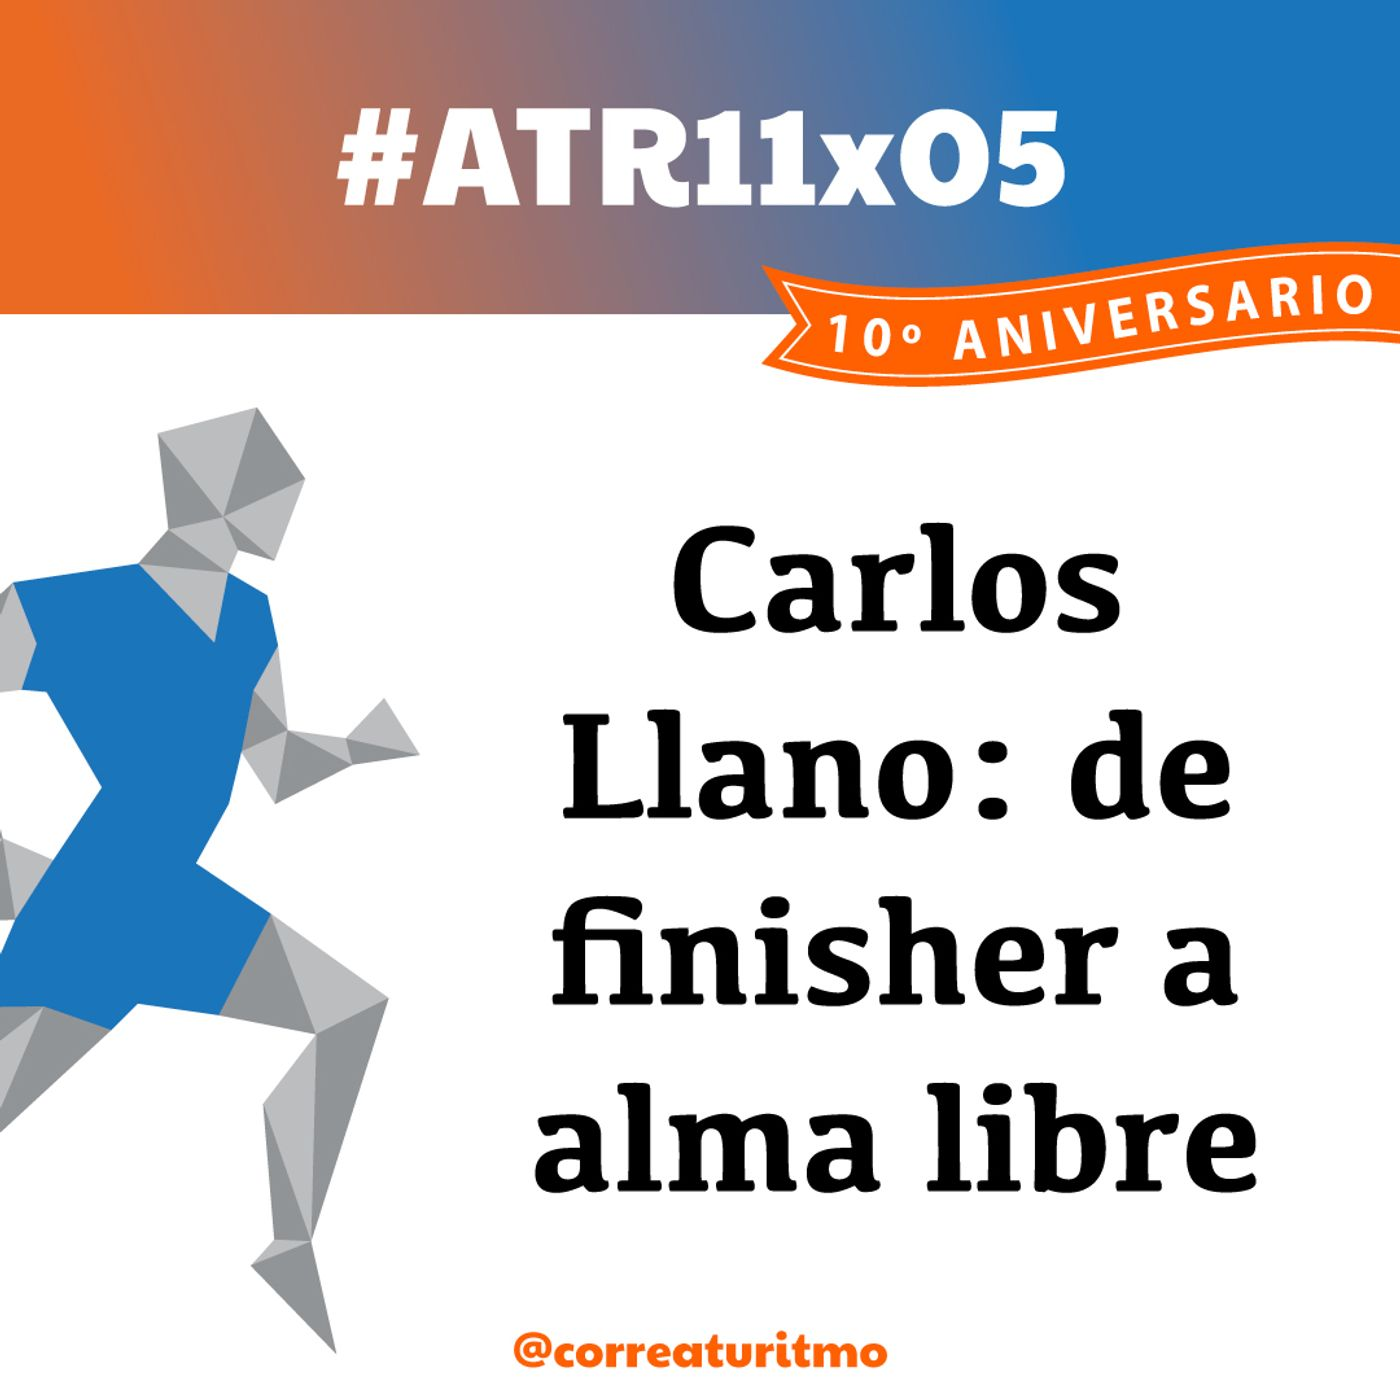 ATR 11x05 - Carlos Llano: de finisher a alma libre viajera